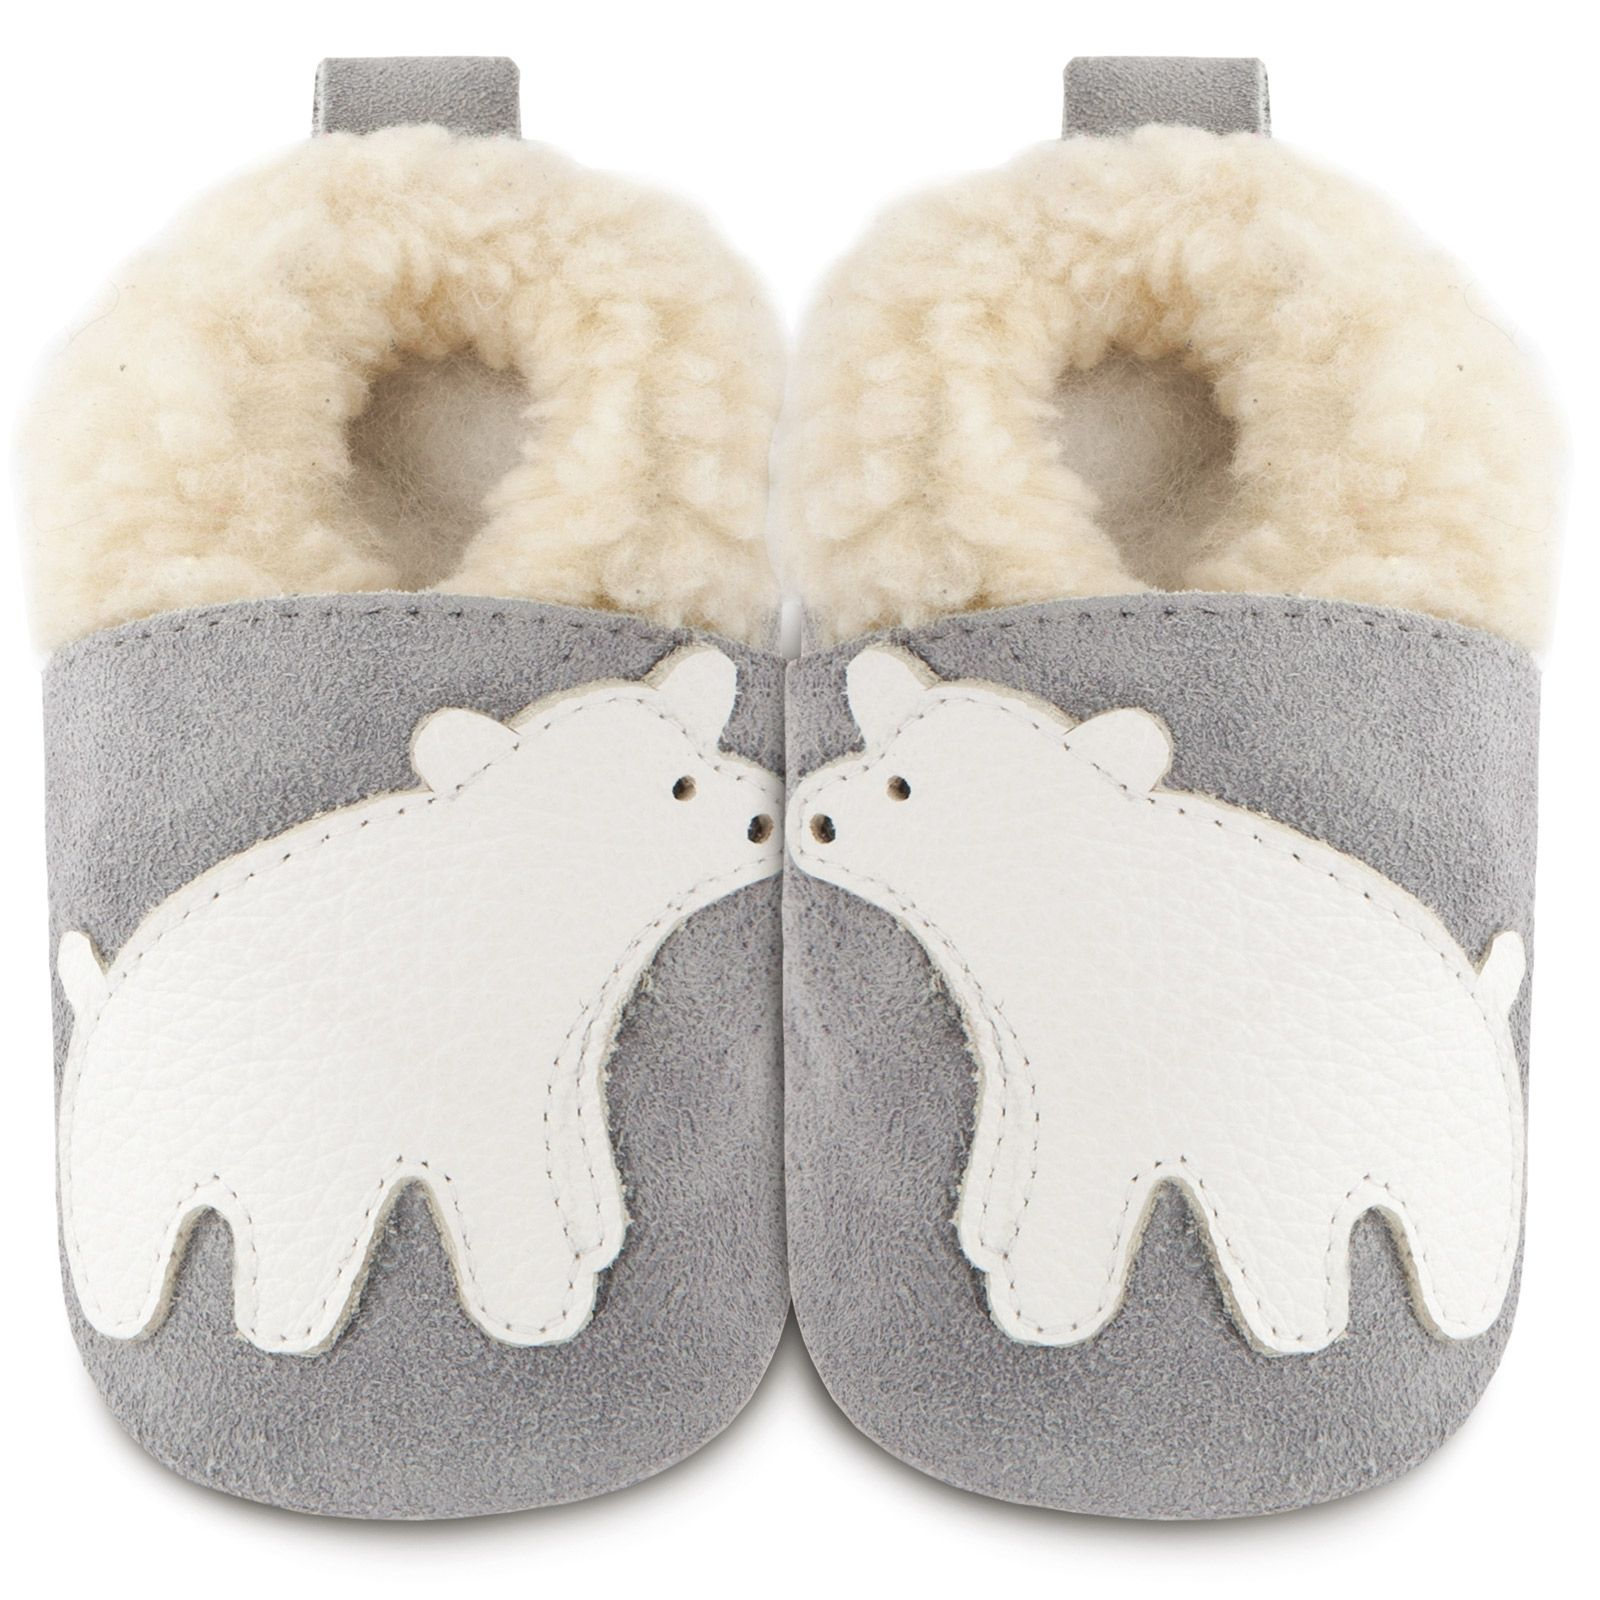 acheter populaire 7c654 dd77f Chaussons bébé Ours des neiges (6-12 mois) | for son ...